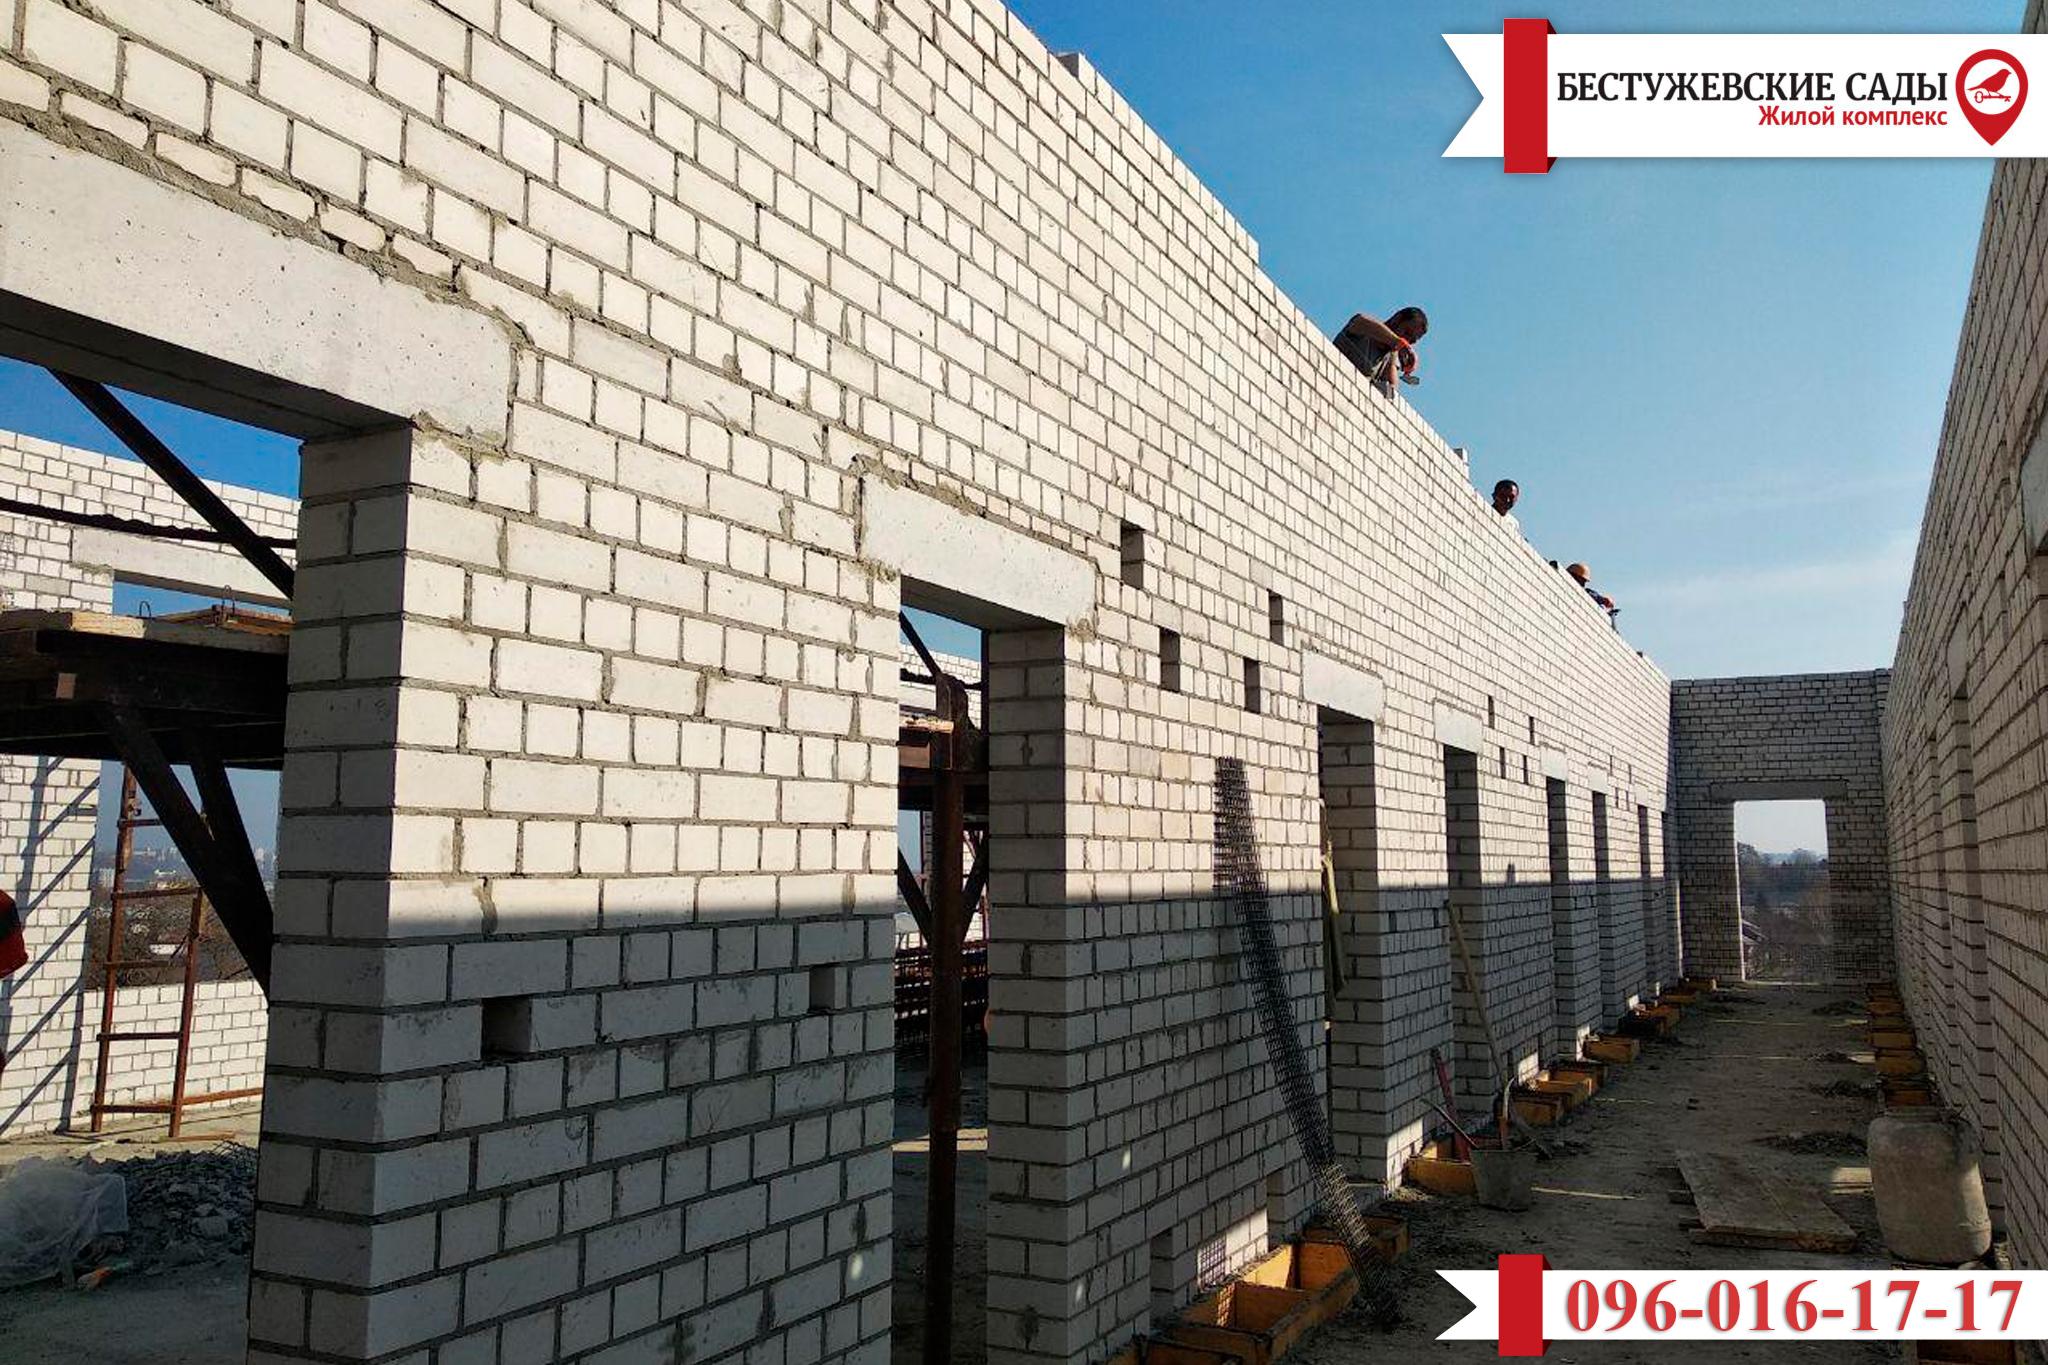 Как проходит строительство нового жилого комплекса «Бестужевские сады»?